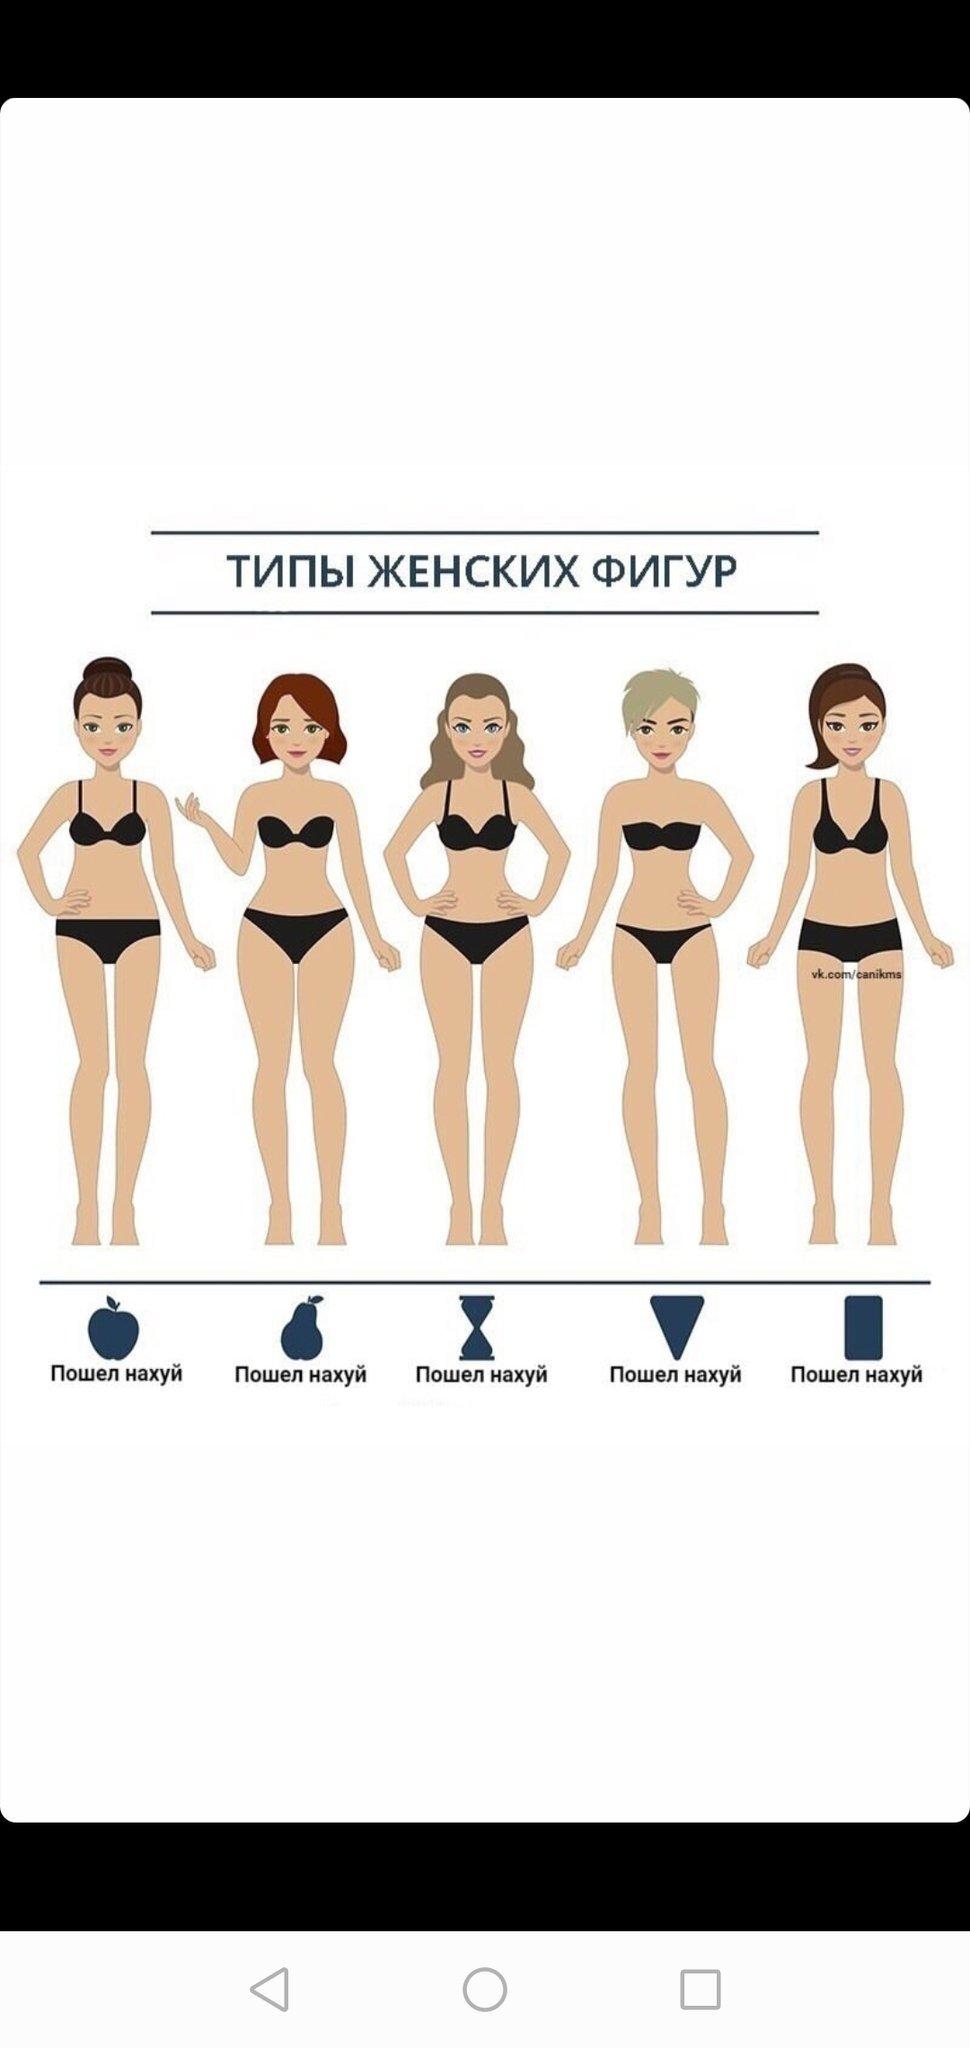 Как определить тип фигуры у женщин? (фото и картинки)